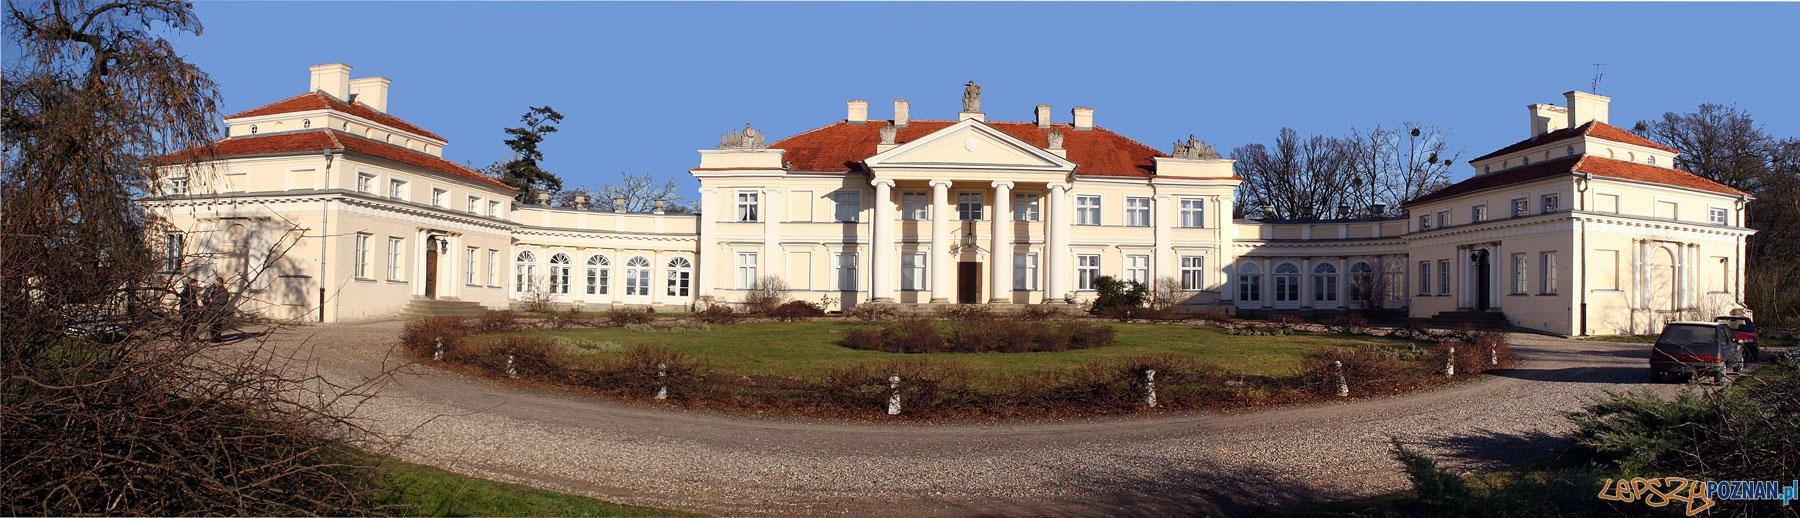 Pałac w Śmiełowie Foto: CC/wikipedia